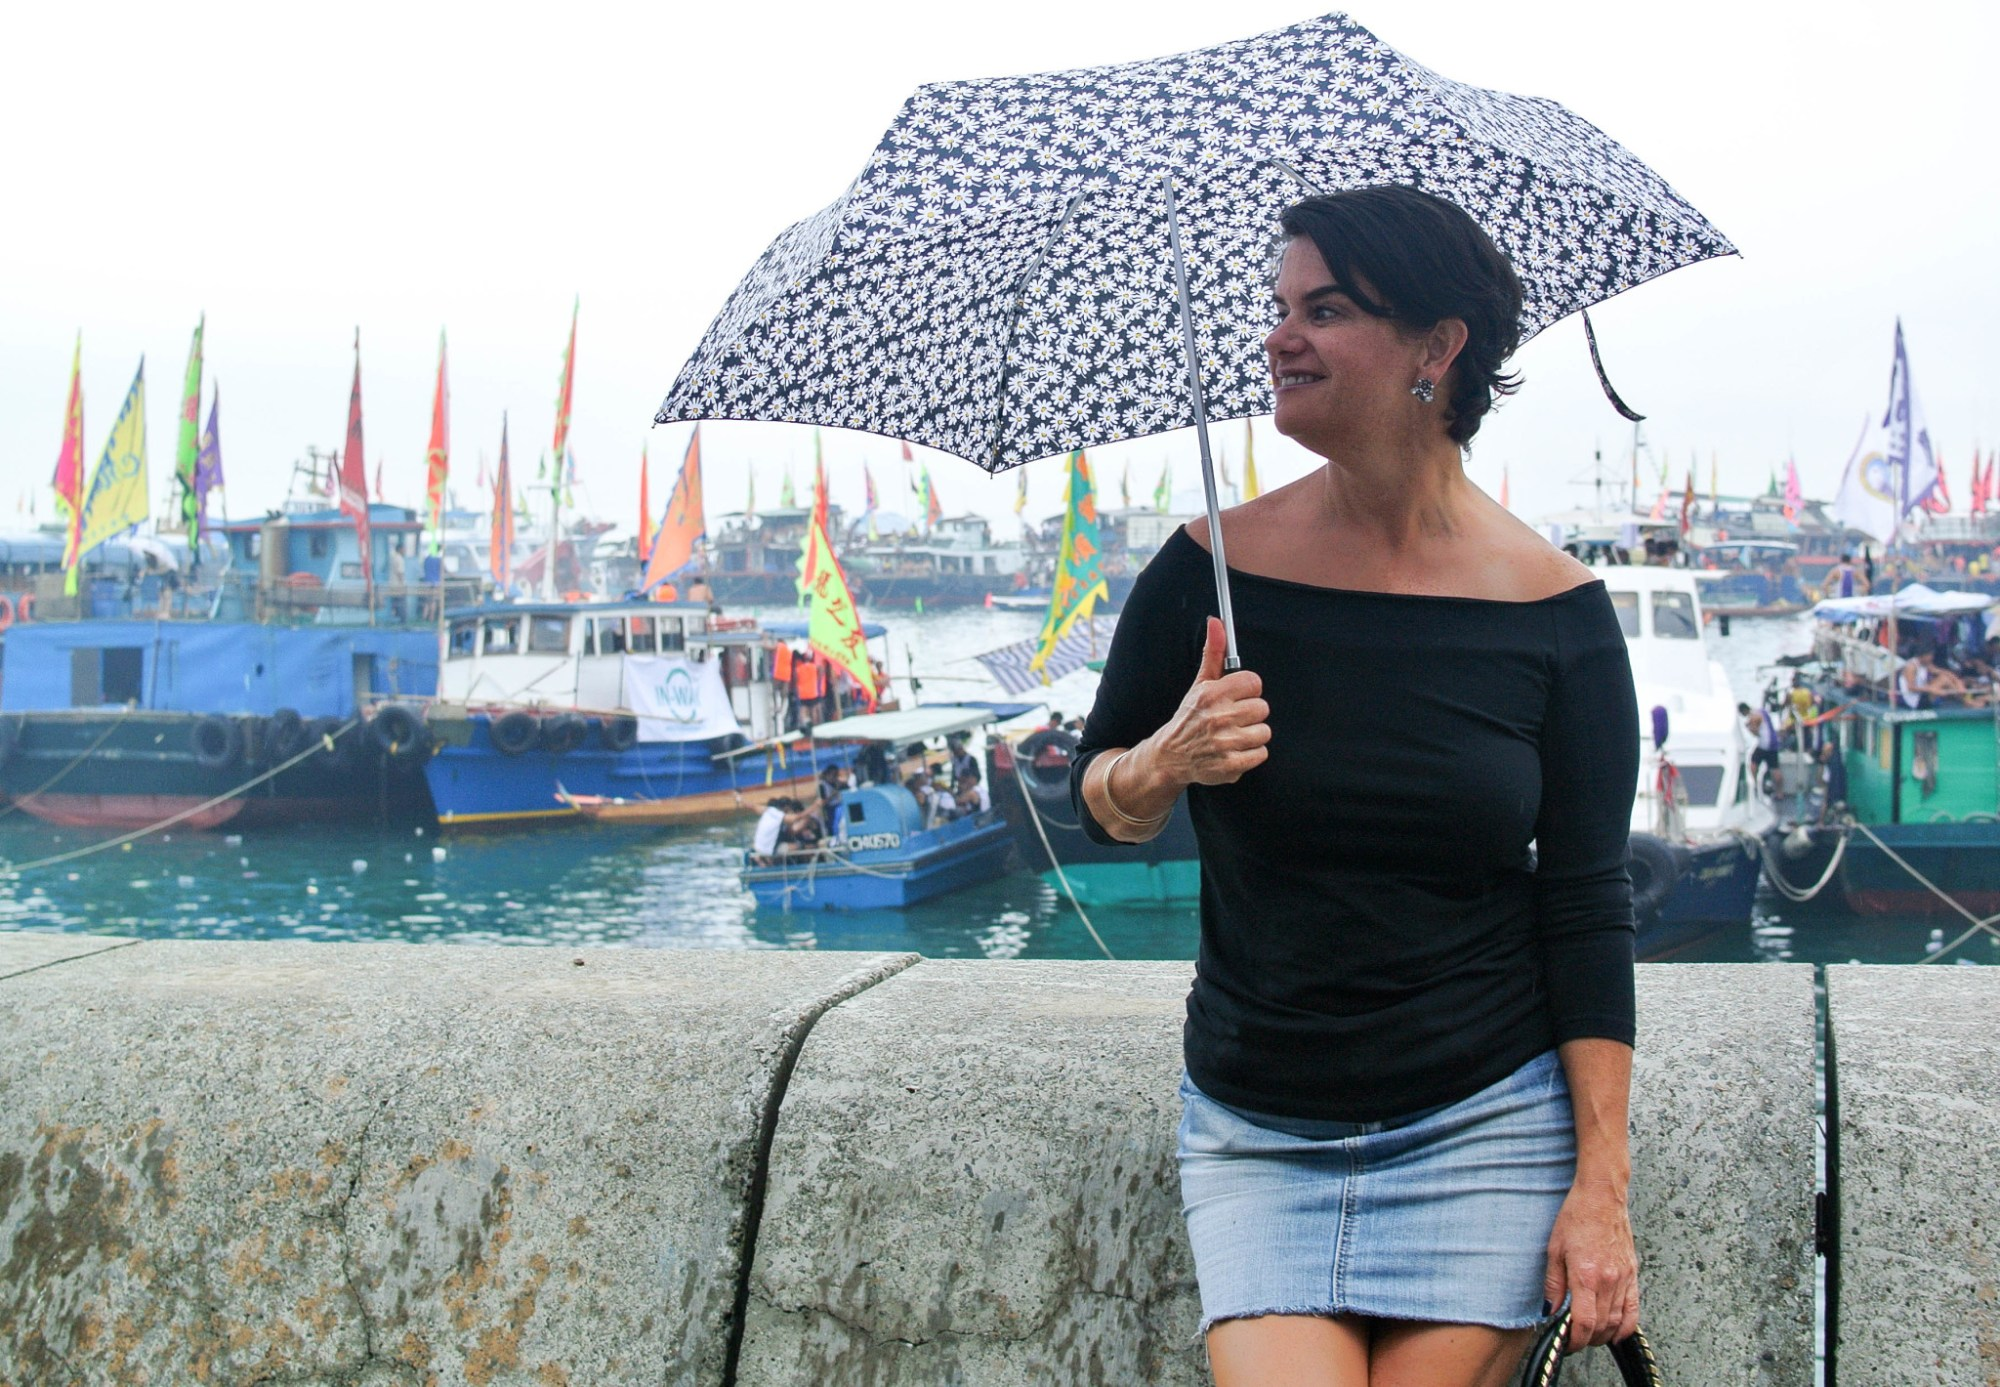 Rainy Weekend Wear 4